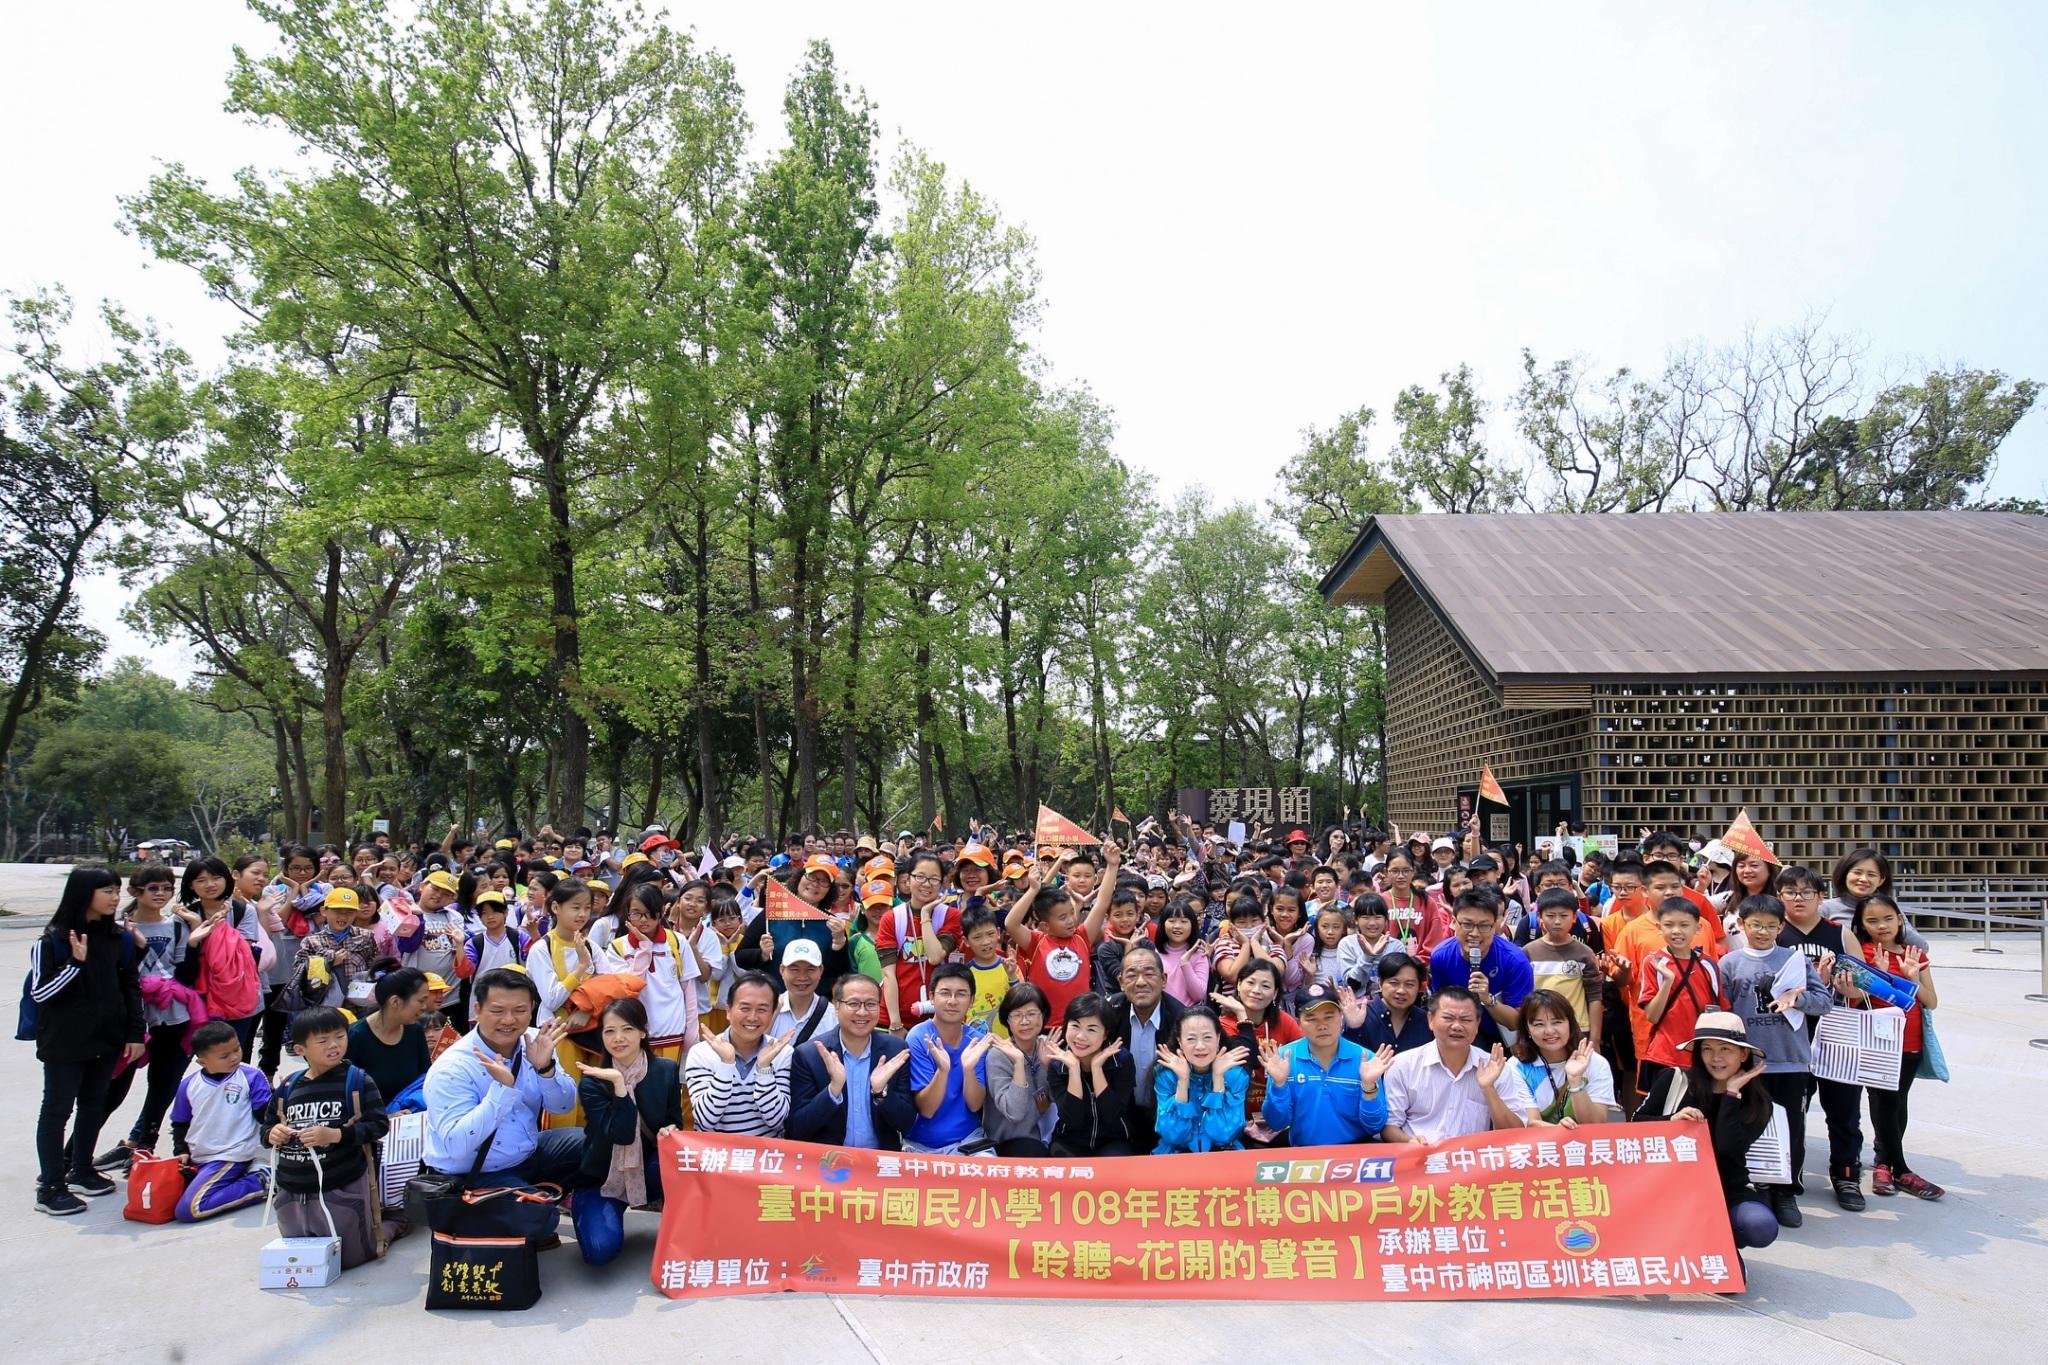 中市國小戶外教學跨領域結合花博 帶領學生走出教室學習